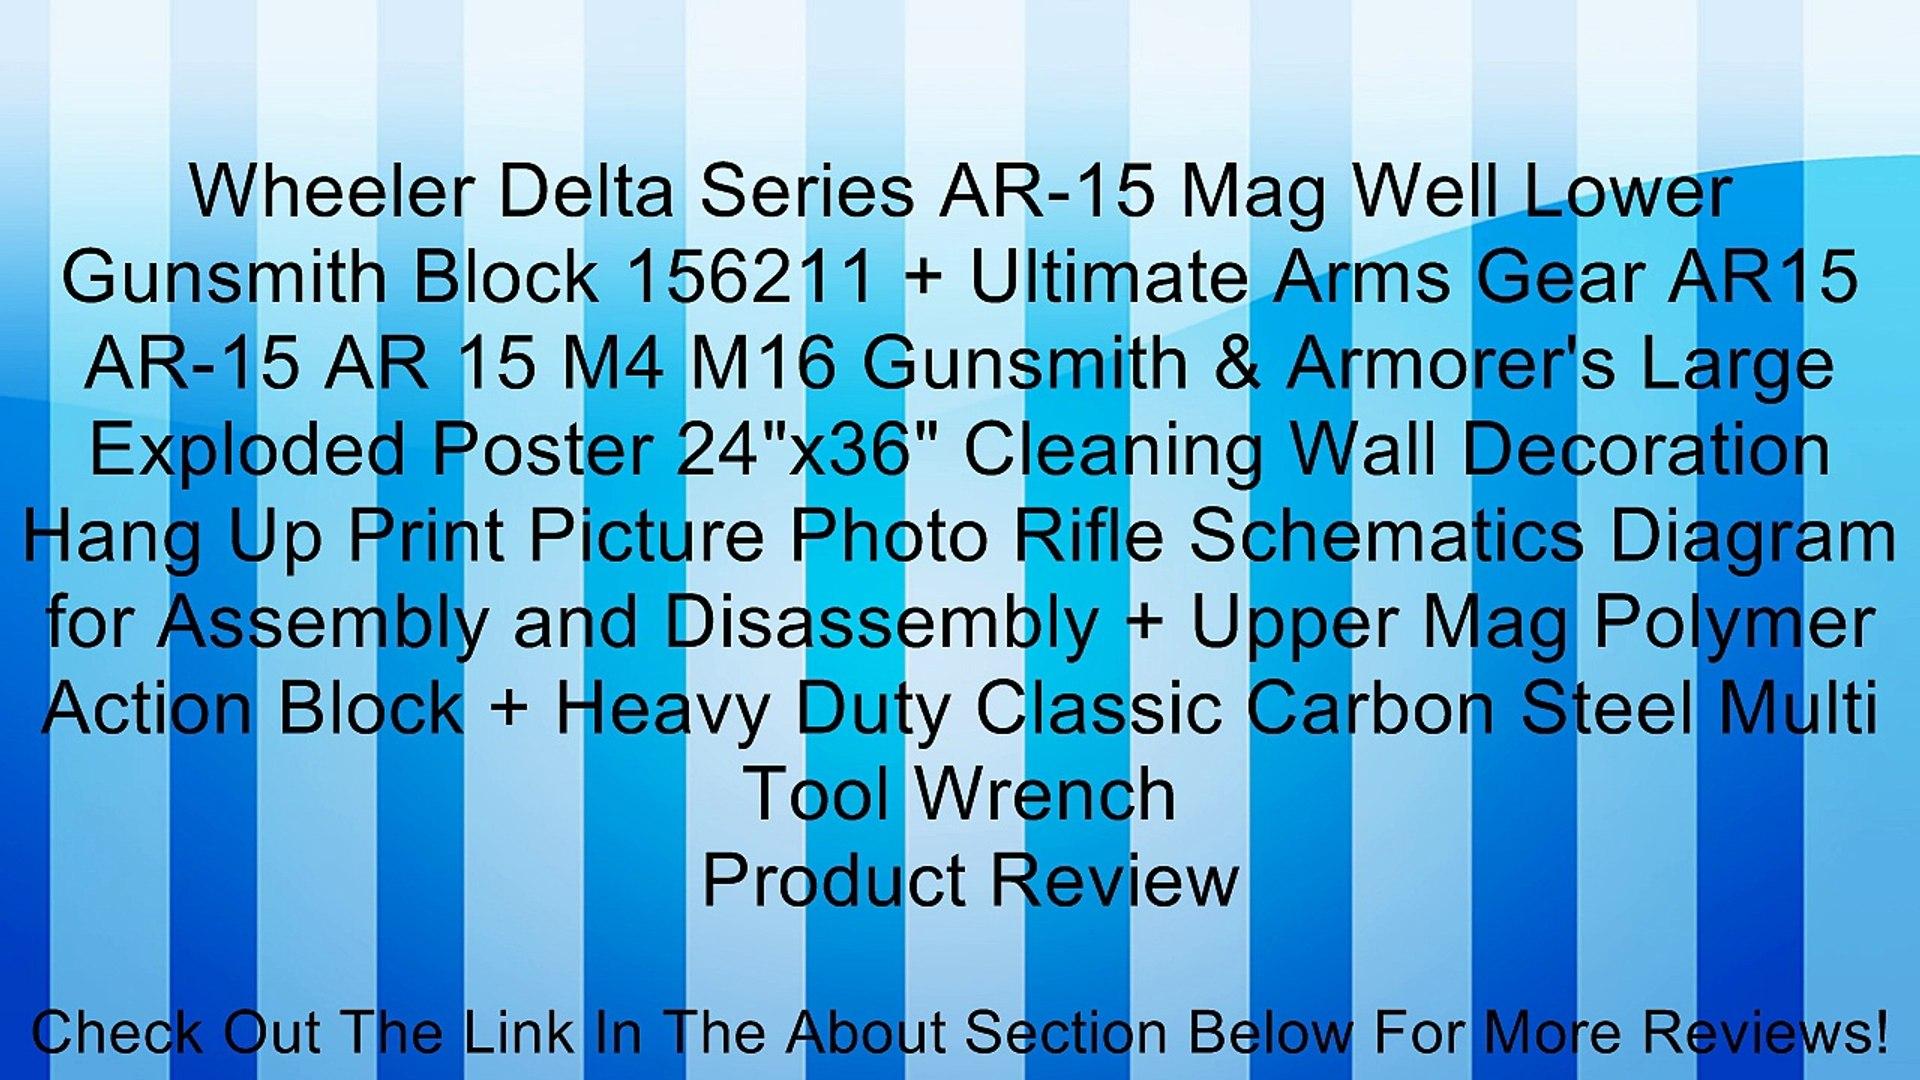 Wheeler Delta Series AR-15 Mag Well Lower Gunsmith Block 156211 + Ultimate Arms Gear AR15 AR-15 AR 1